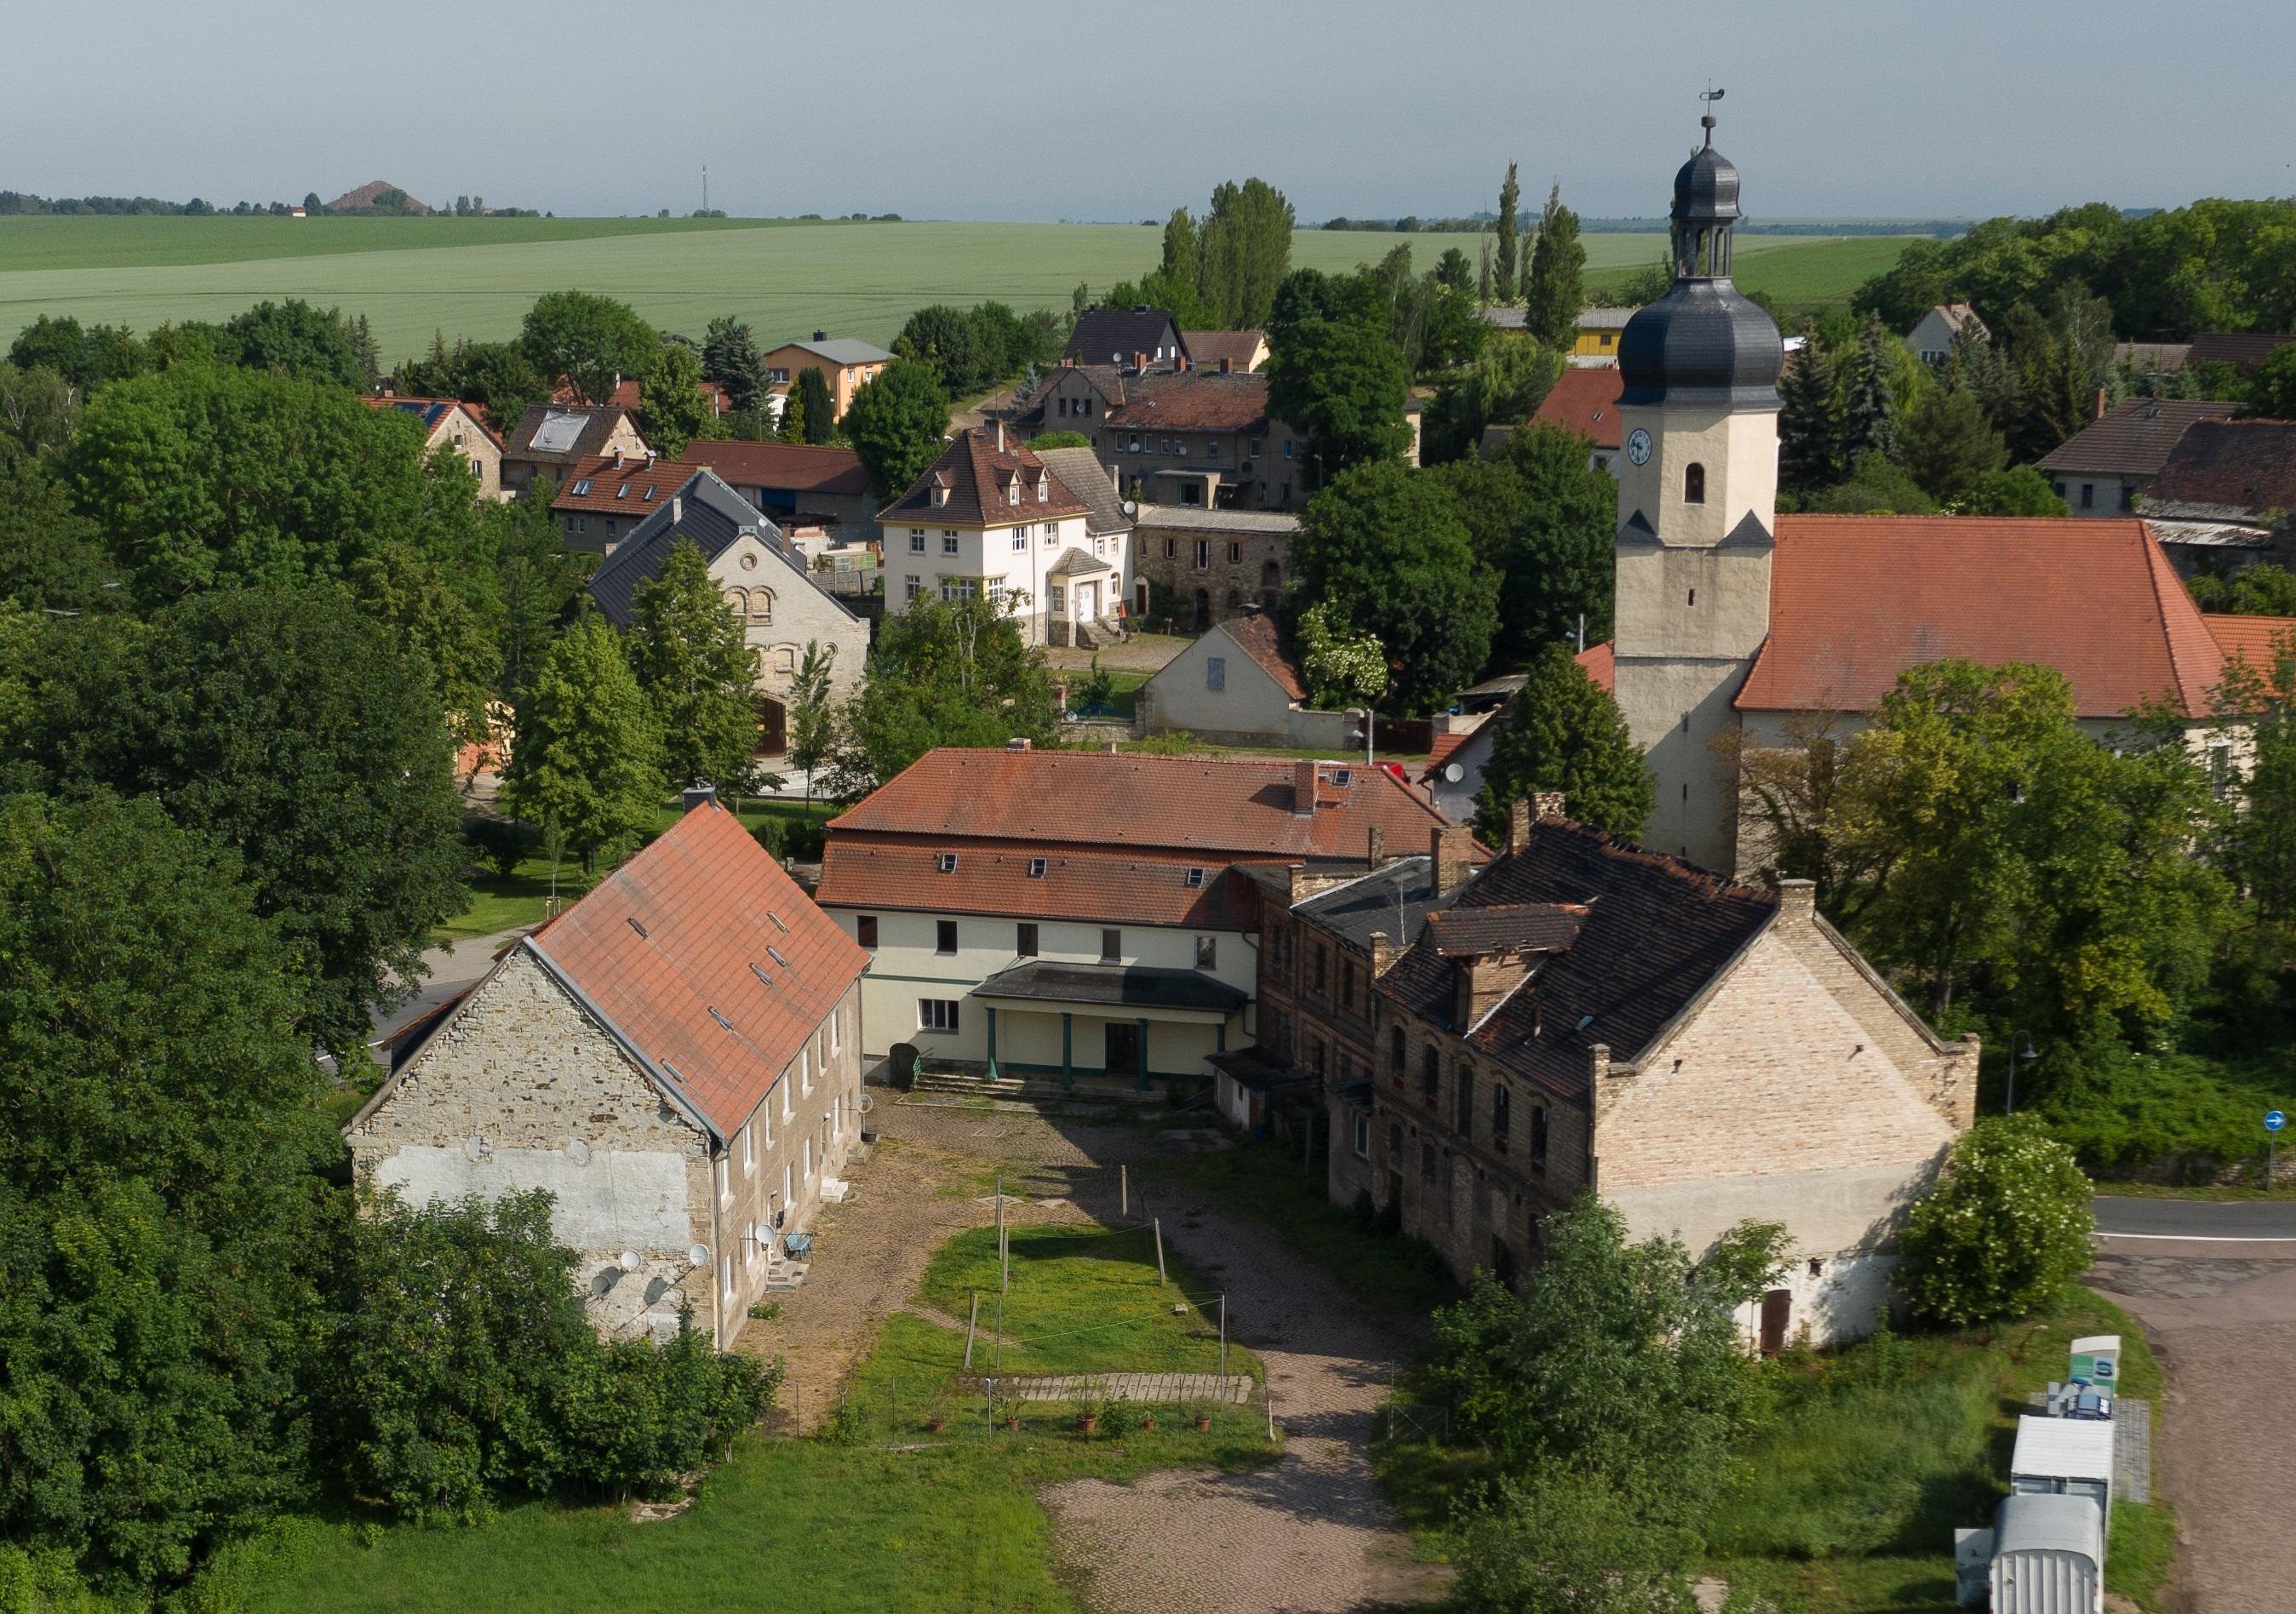 Gutshof Fienstedt - Luftbild 1